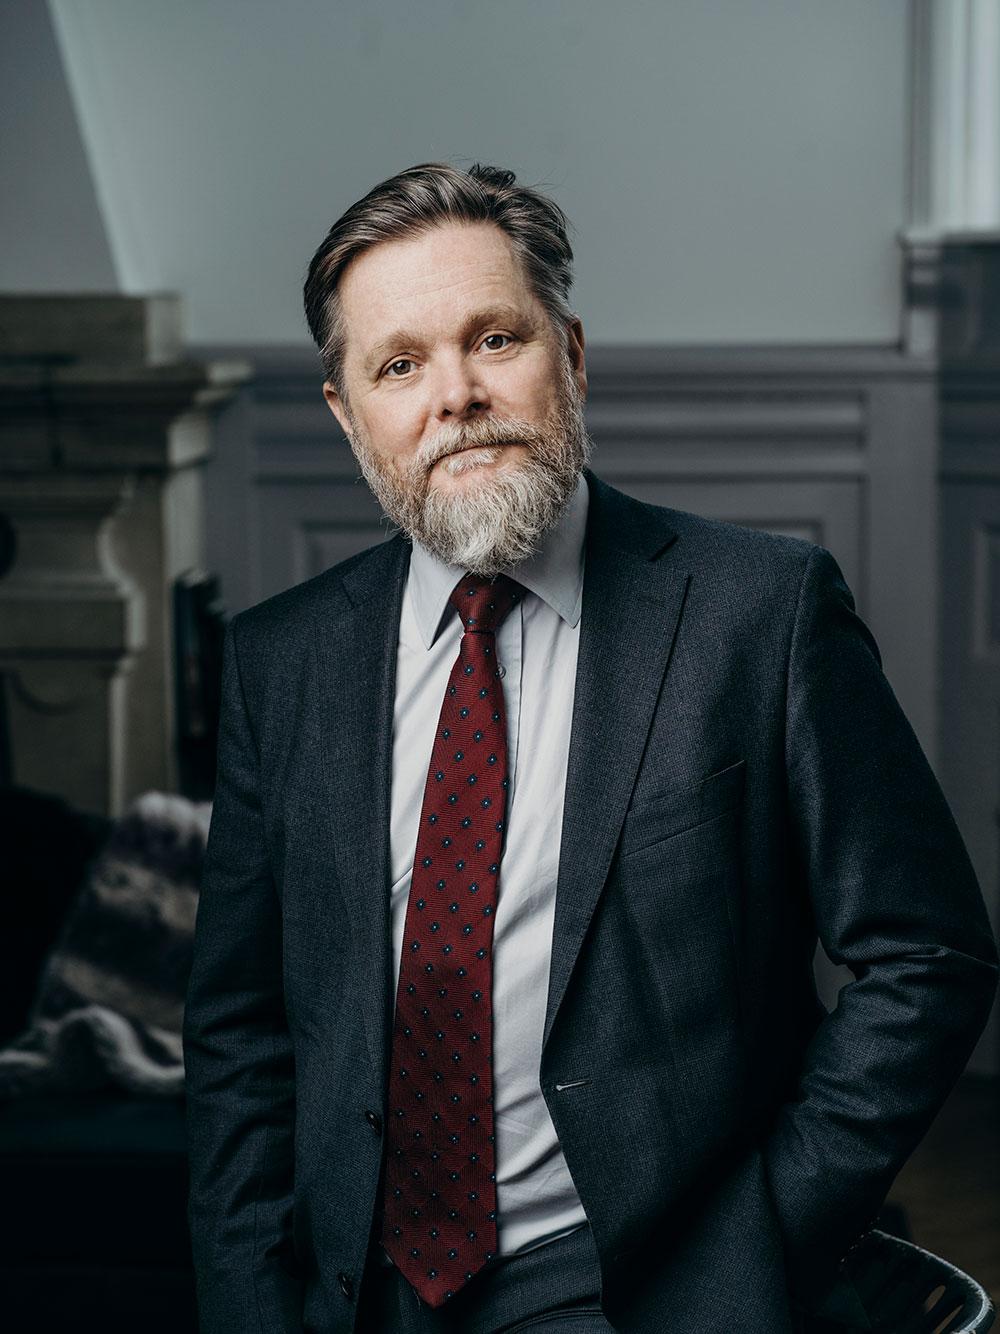 Gunnar Berge Försund